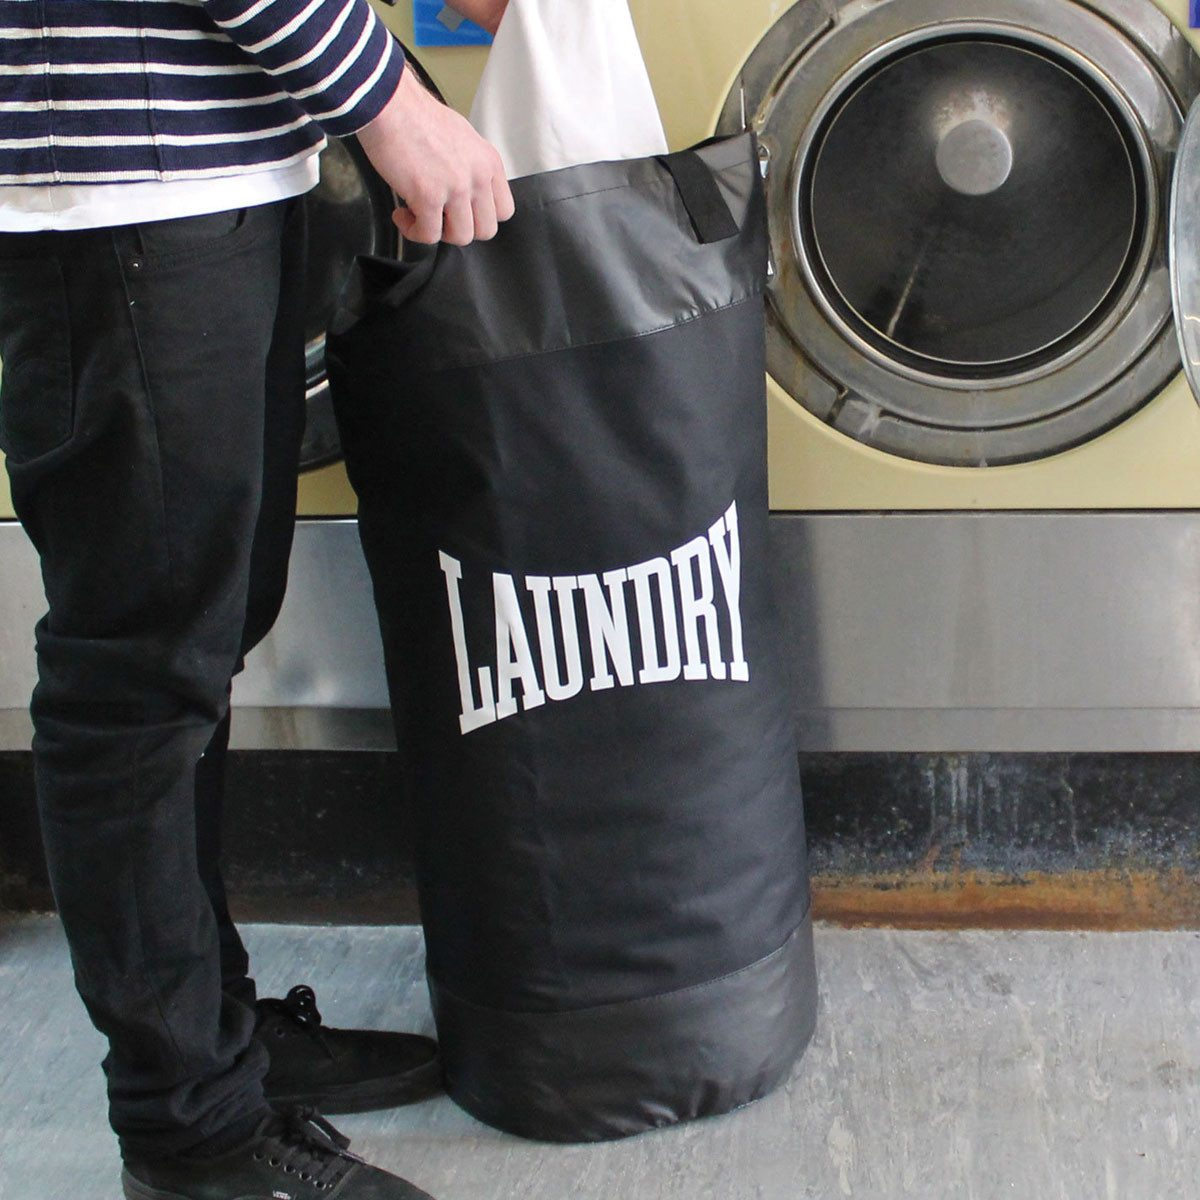 Boksepude til vasketøj